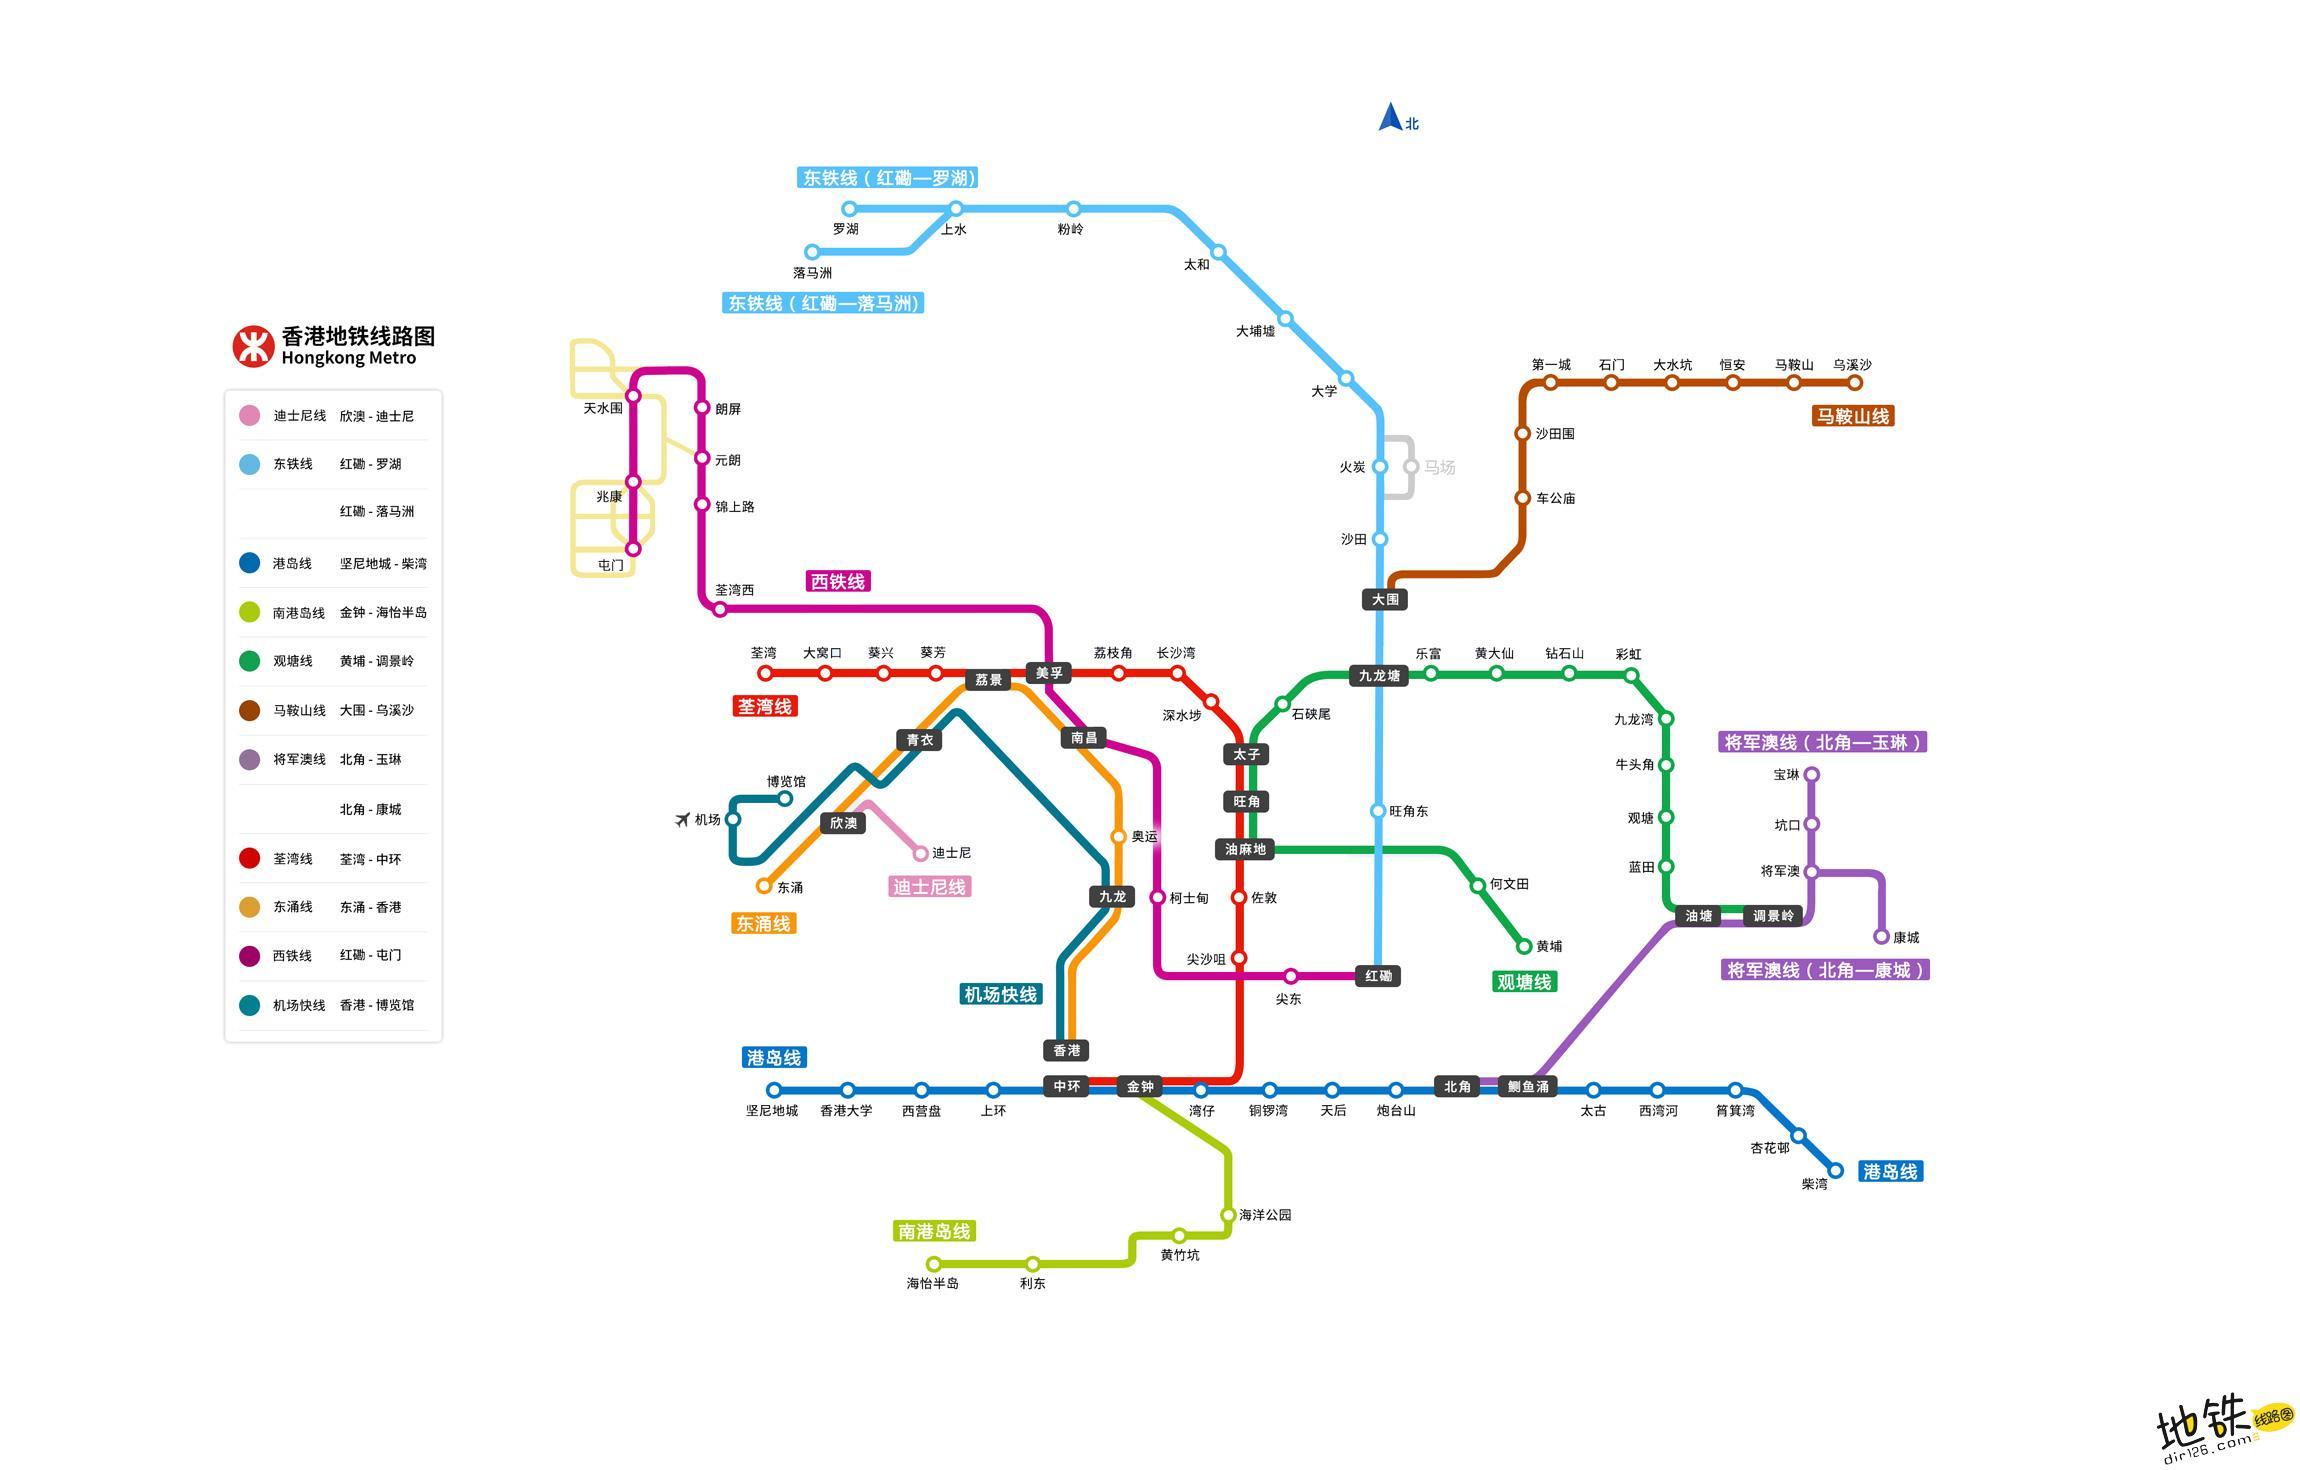 香港地铁线路图 运营时间票价站点 查询下载 香港地铁查询 香港地铁线路图 港铁线路图 香港地铁票价 香港地铁运营时间 香港地铁 港铁 香港地铁线路图  第1张